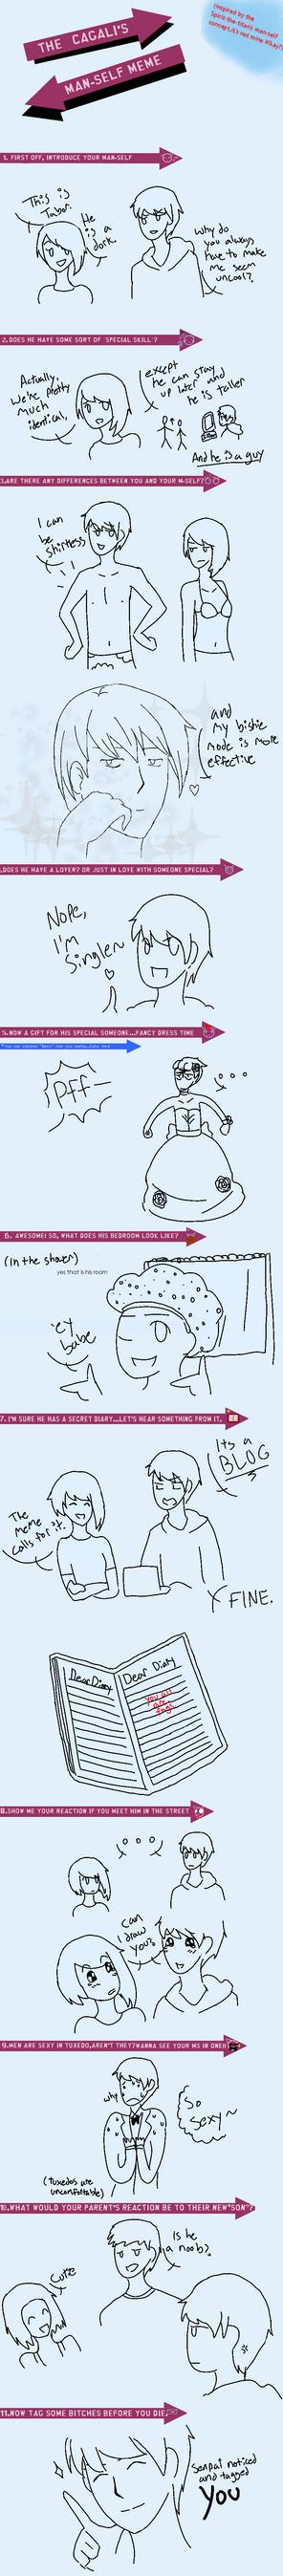 Introducing Tabor (Man-Self Meme) by TabberHatter